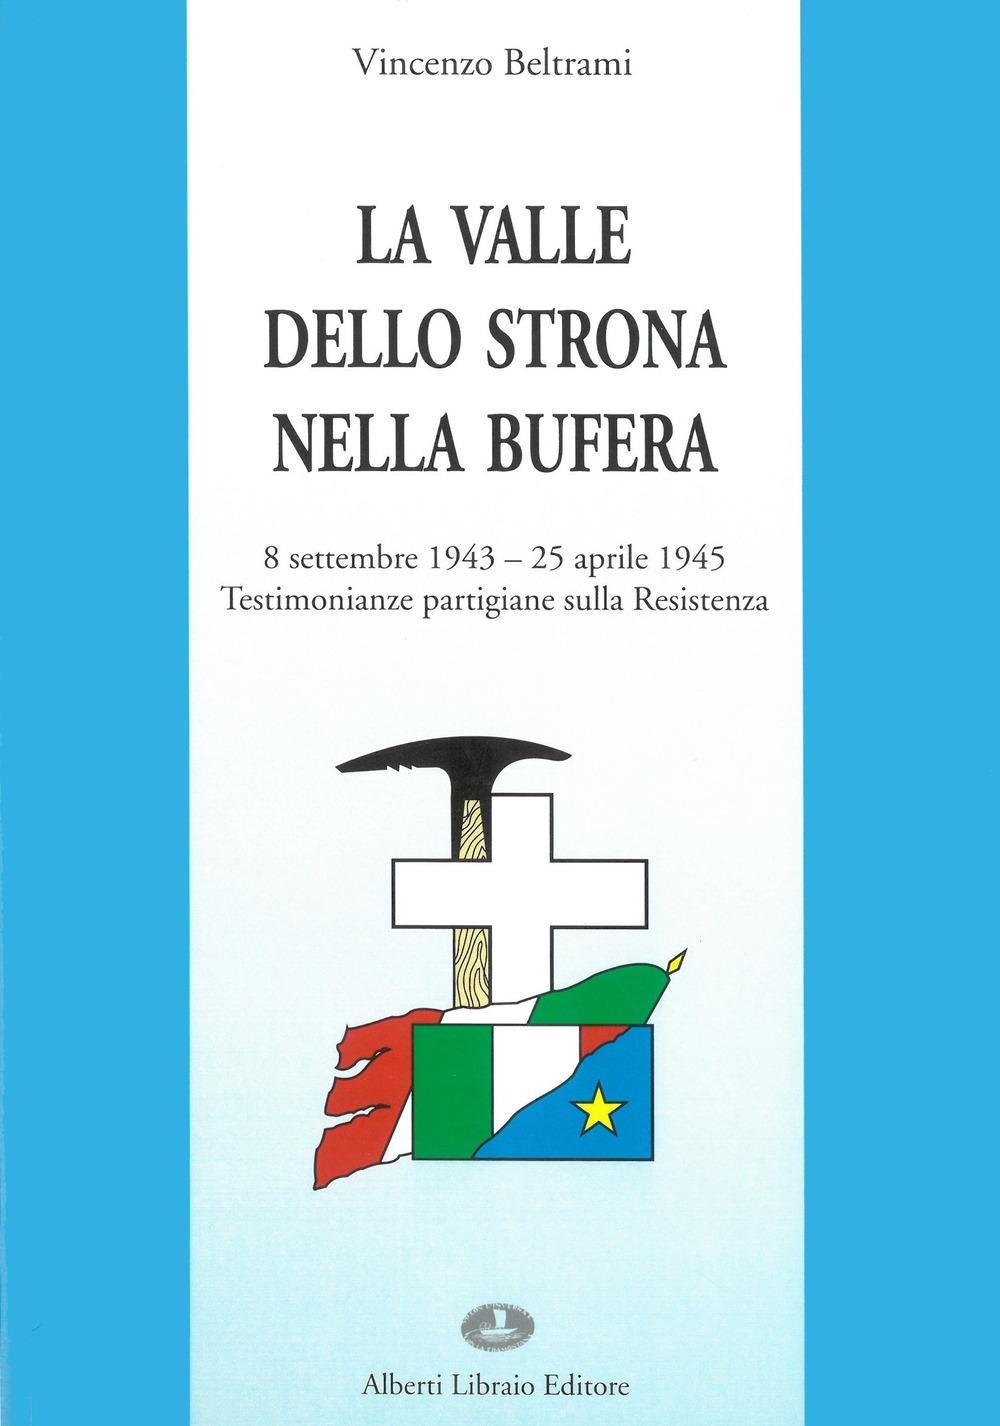 La valle dello Strona nella bufera. Testimonianze partigiane sulla Resistenza (8 settembre '43-25 aprile '45).